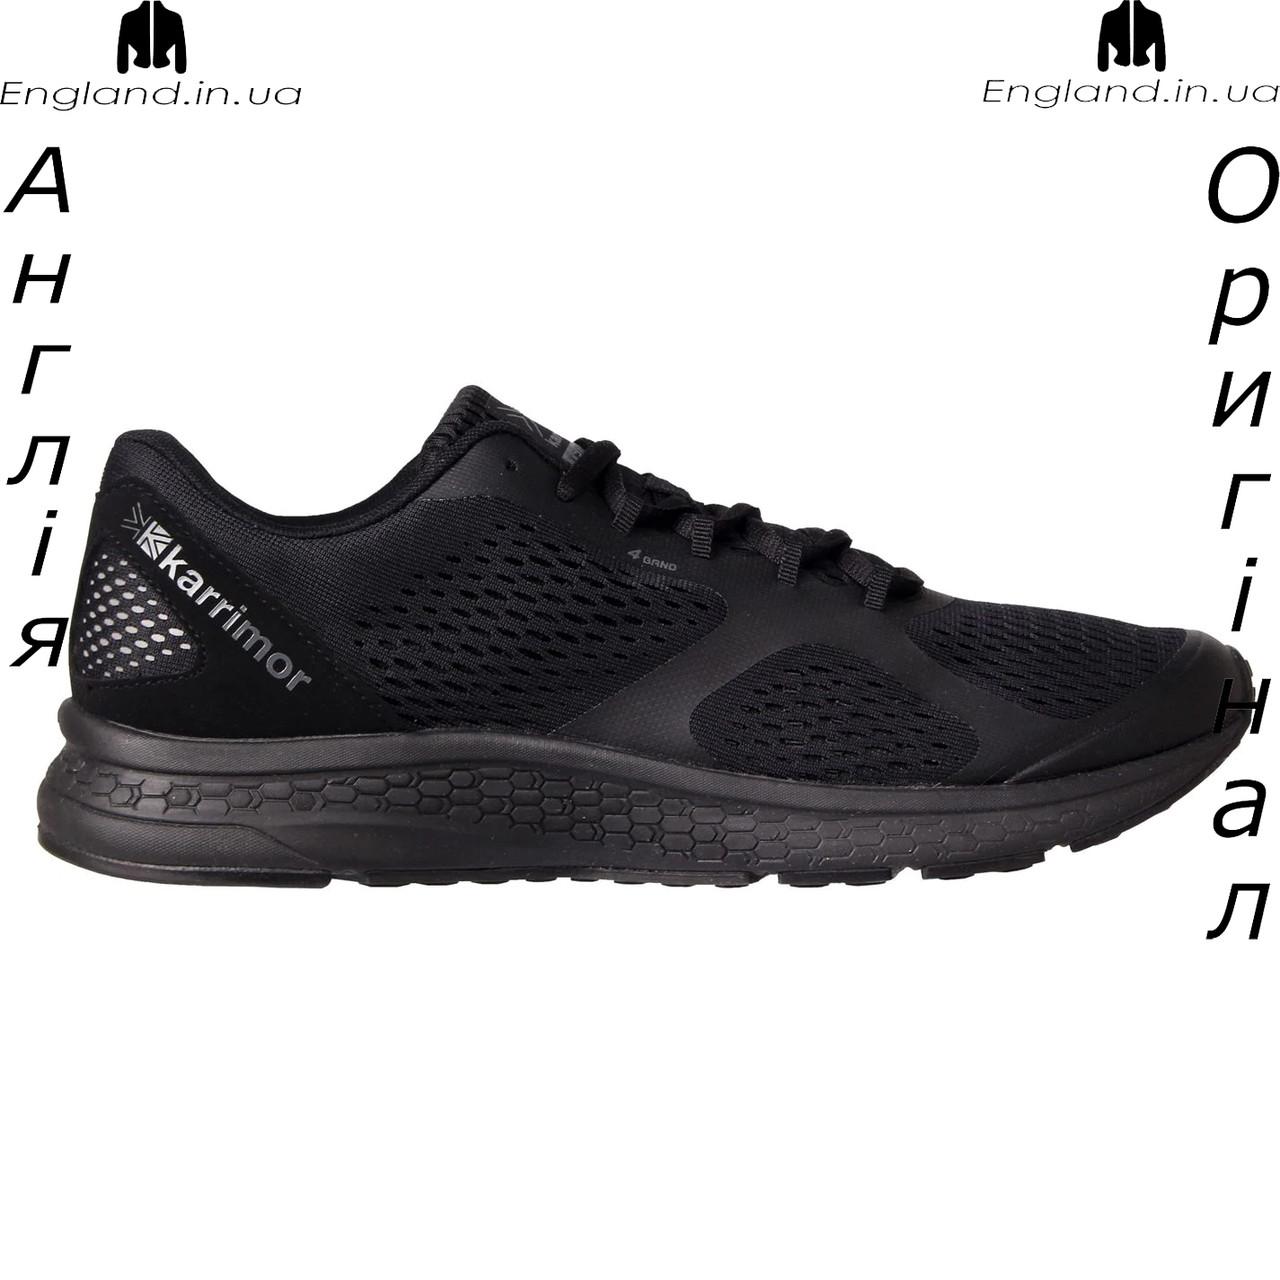 Кроссовки мужские Karrimor из Англии - для бега и тренировок